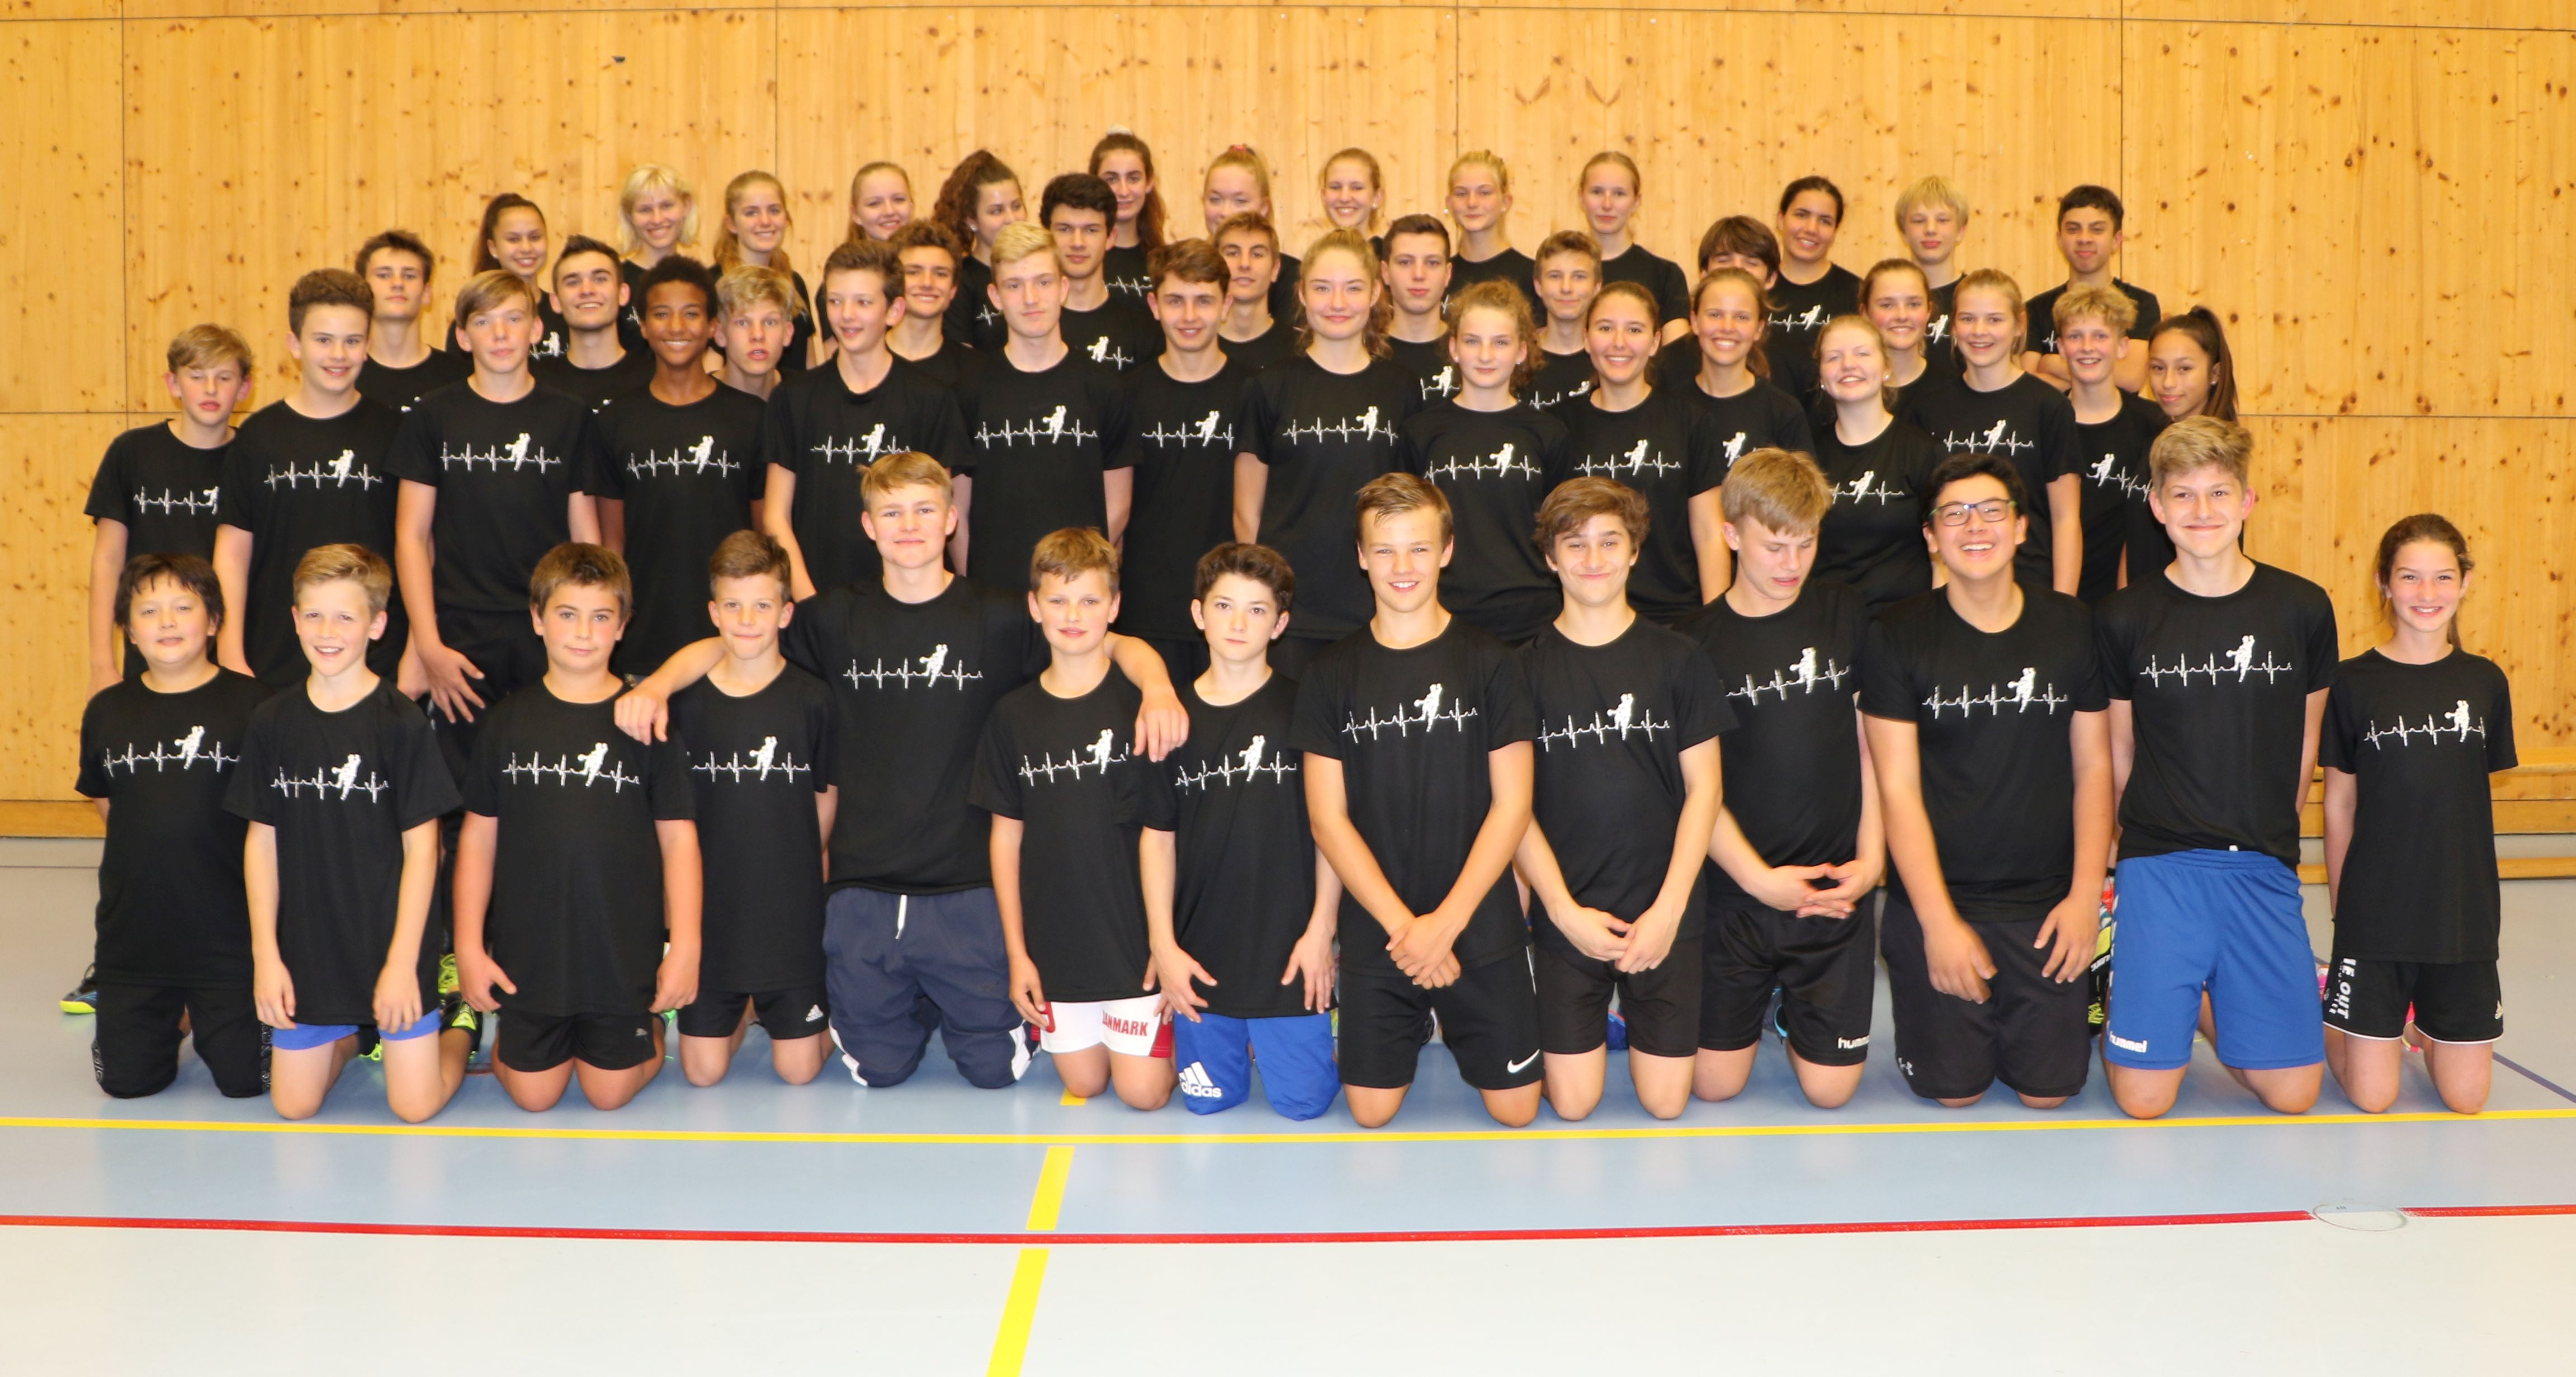 Trainingslager 2018 Huttwil (Fotos: Rainer)